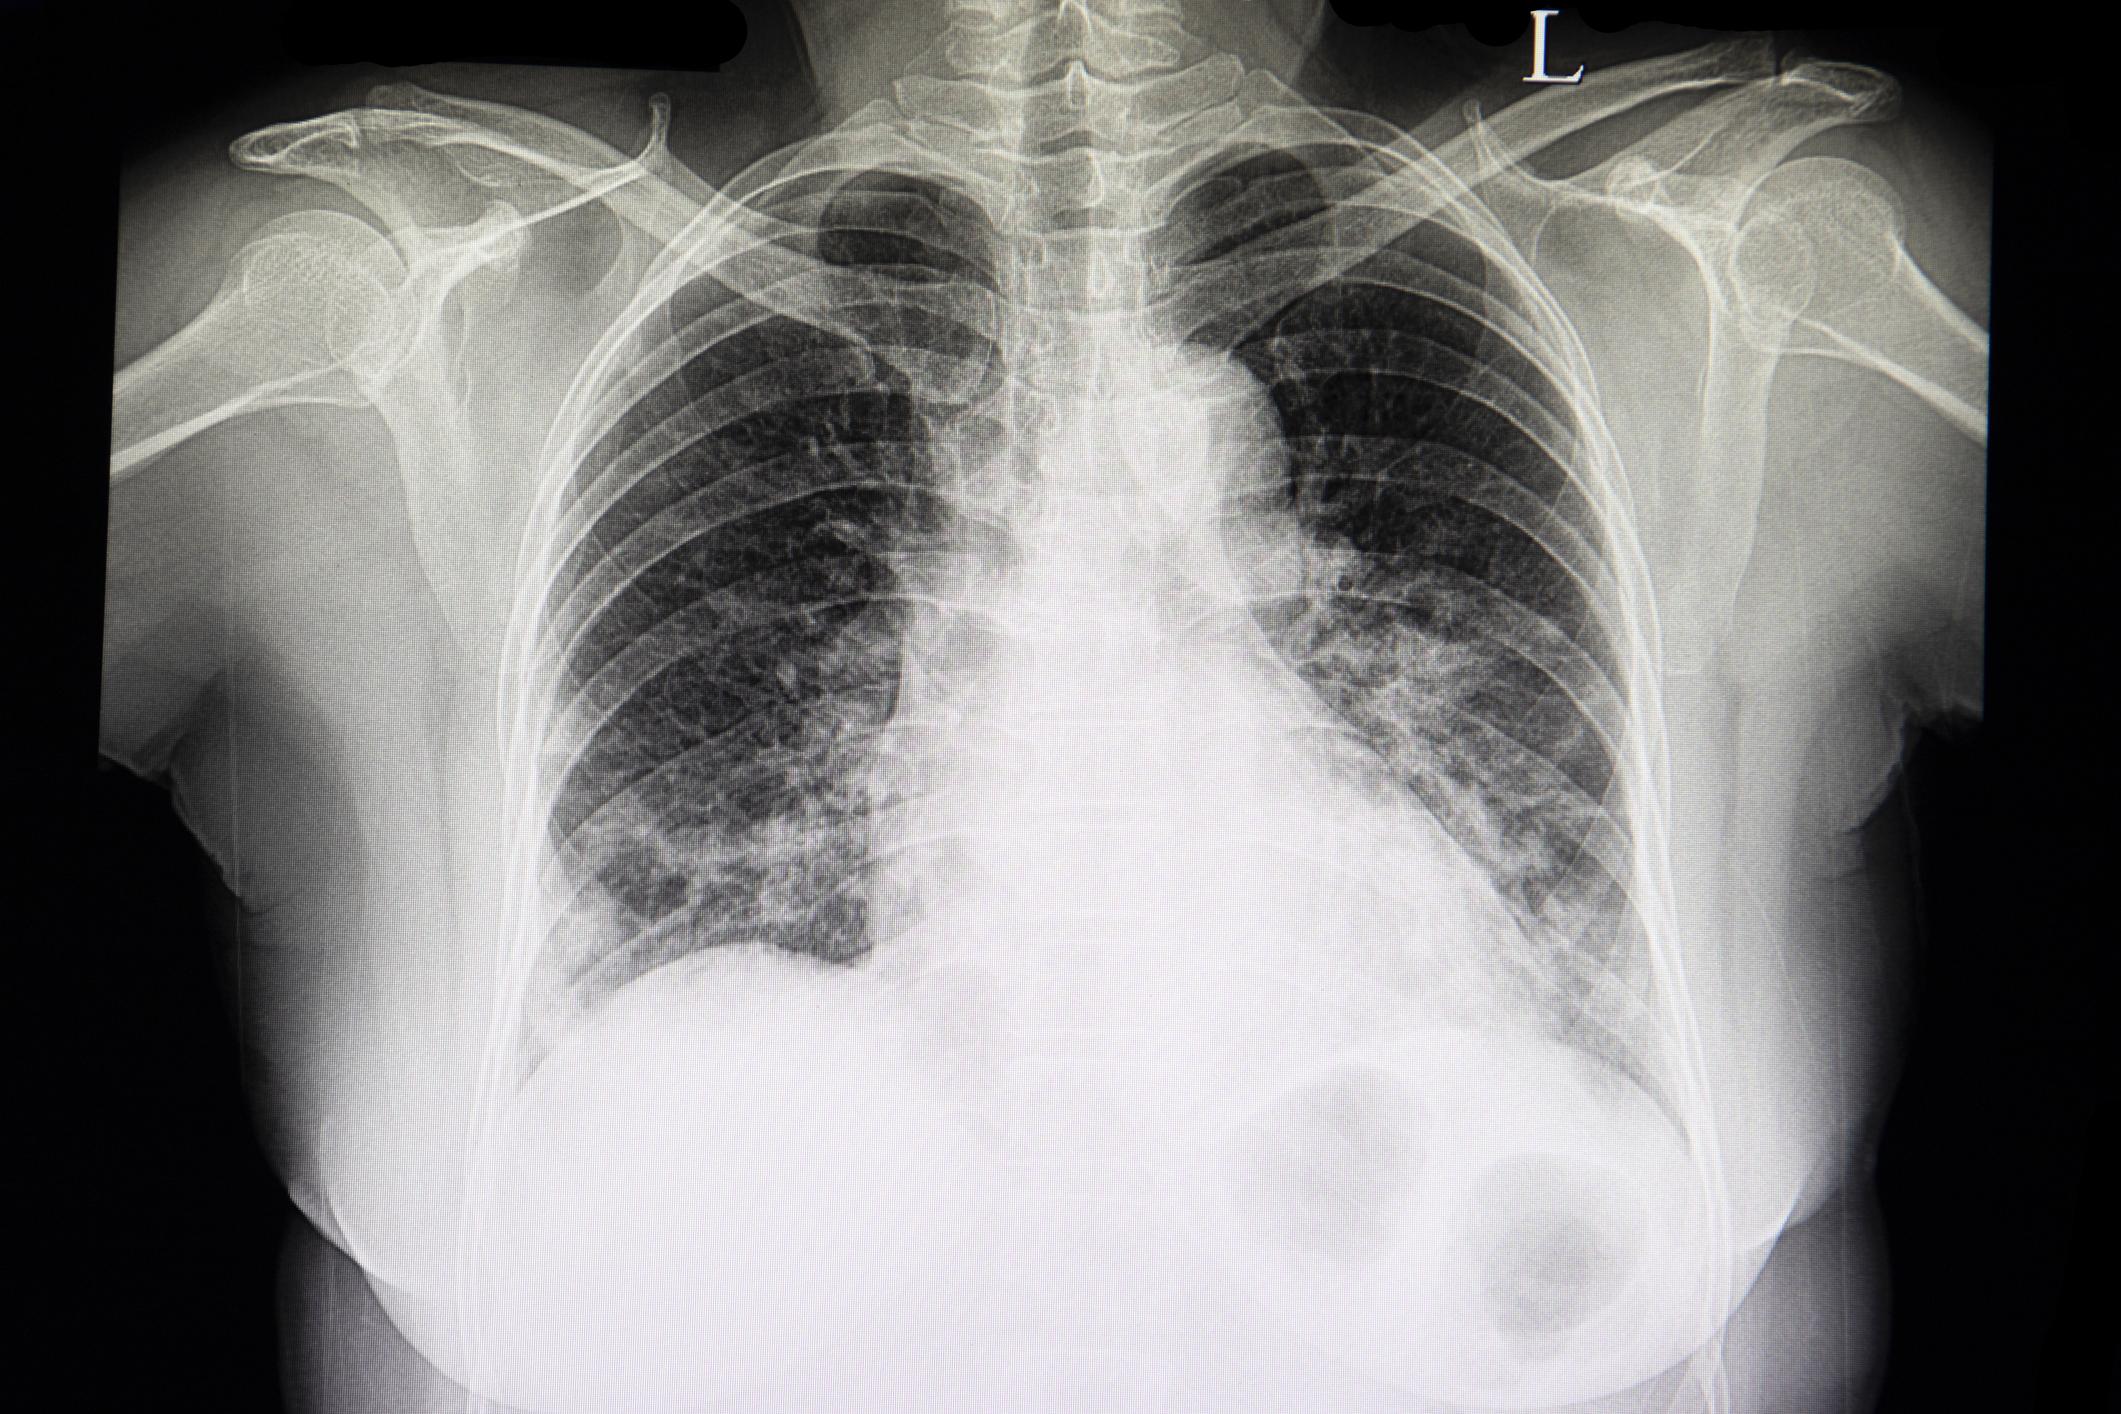 Ako sa prejavuje zápal pľúc, a aká liečba je najefektívnejšia?